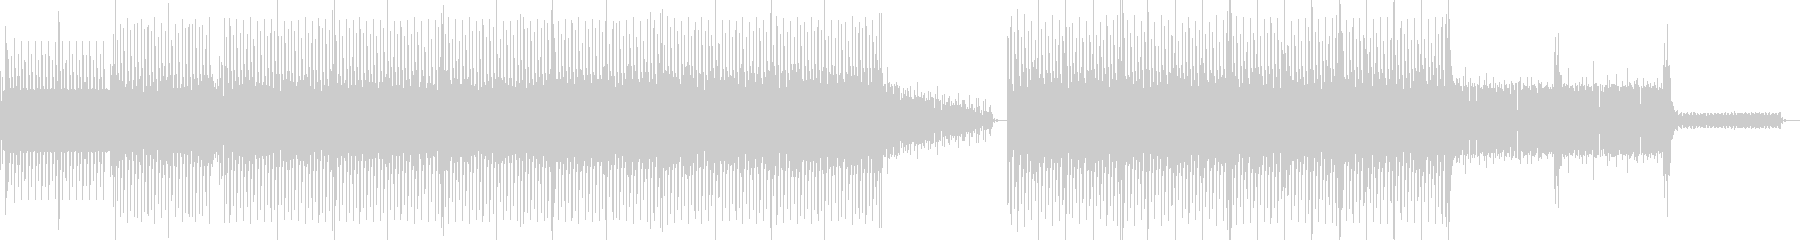 低音リズムが特徴的なシックなサウンドの未再生の波形